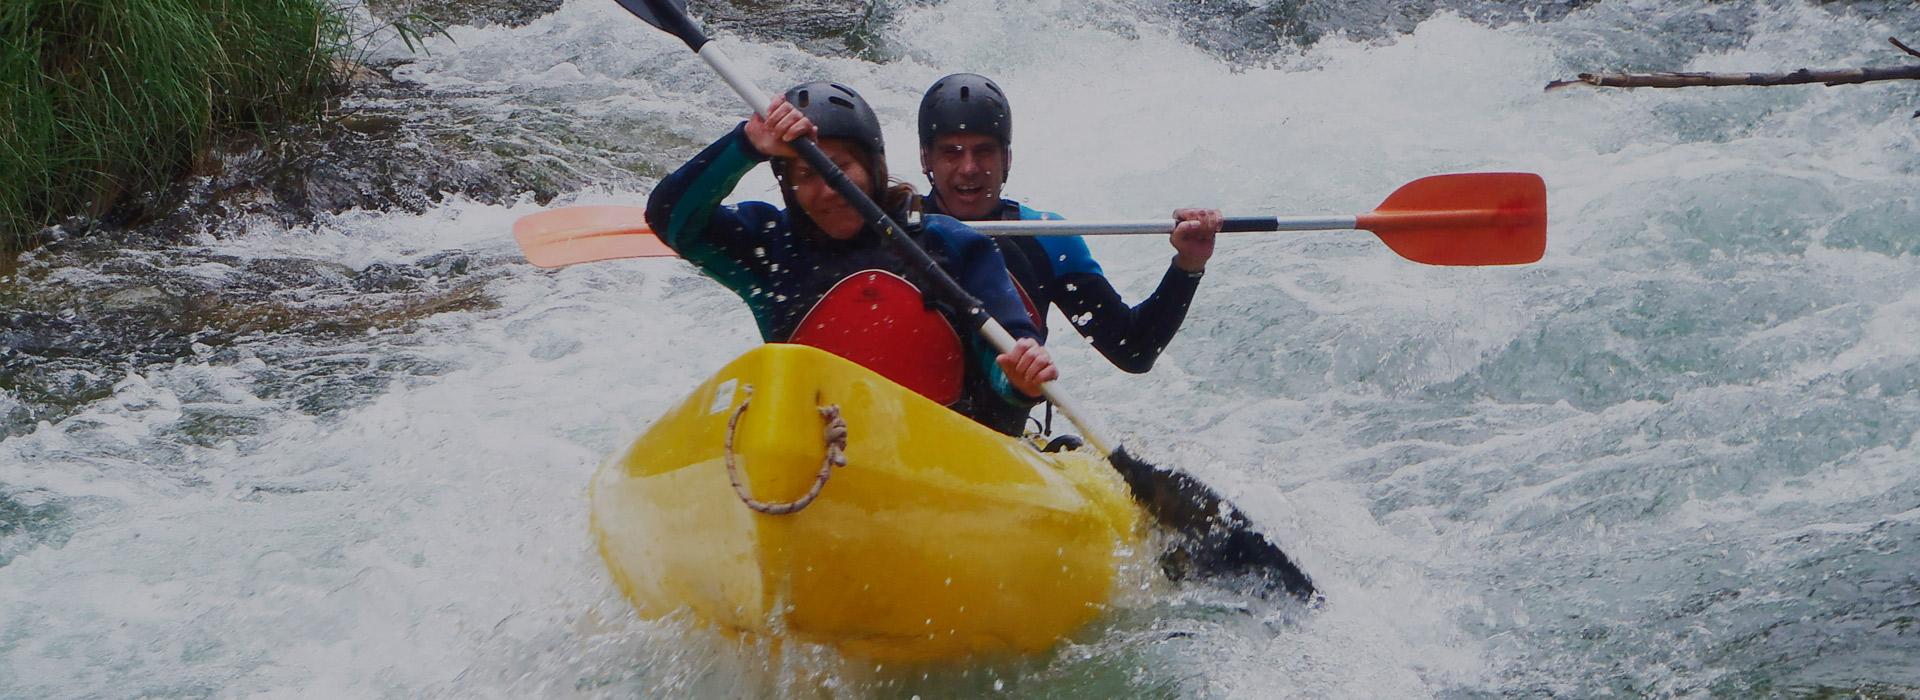 Descenso en canoa canadiense